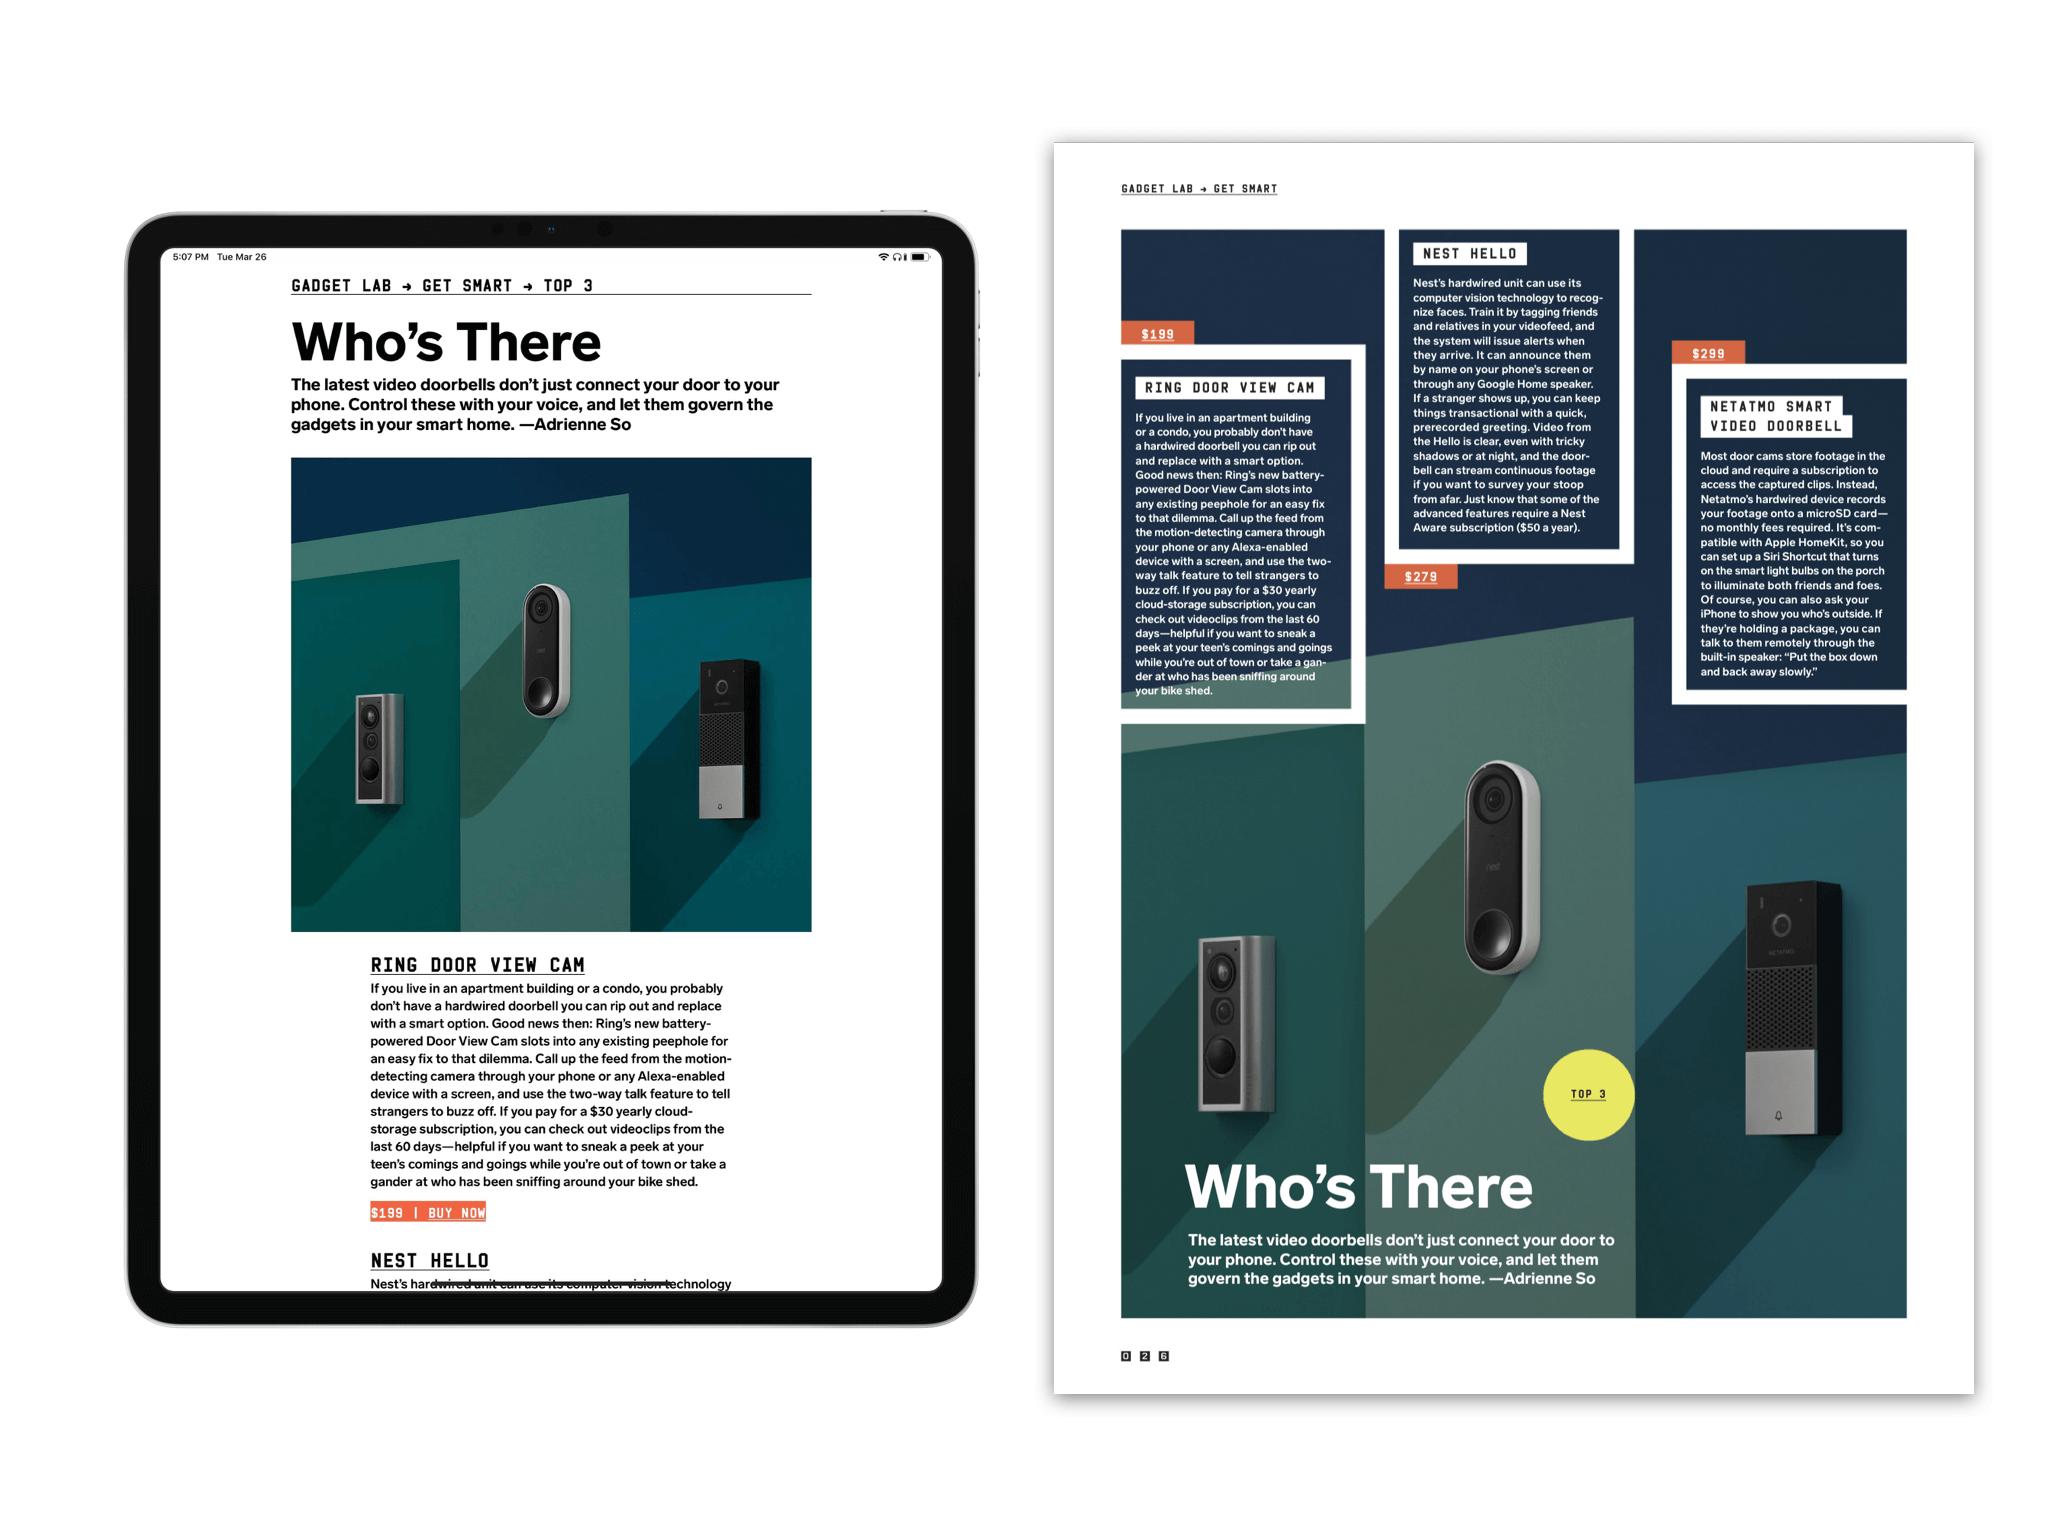 《连线》杂志同一篇文章在 Apple News+ 上和纸刊上的对比;注意前者多出的「立即购买」链接